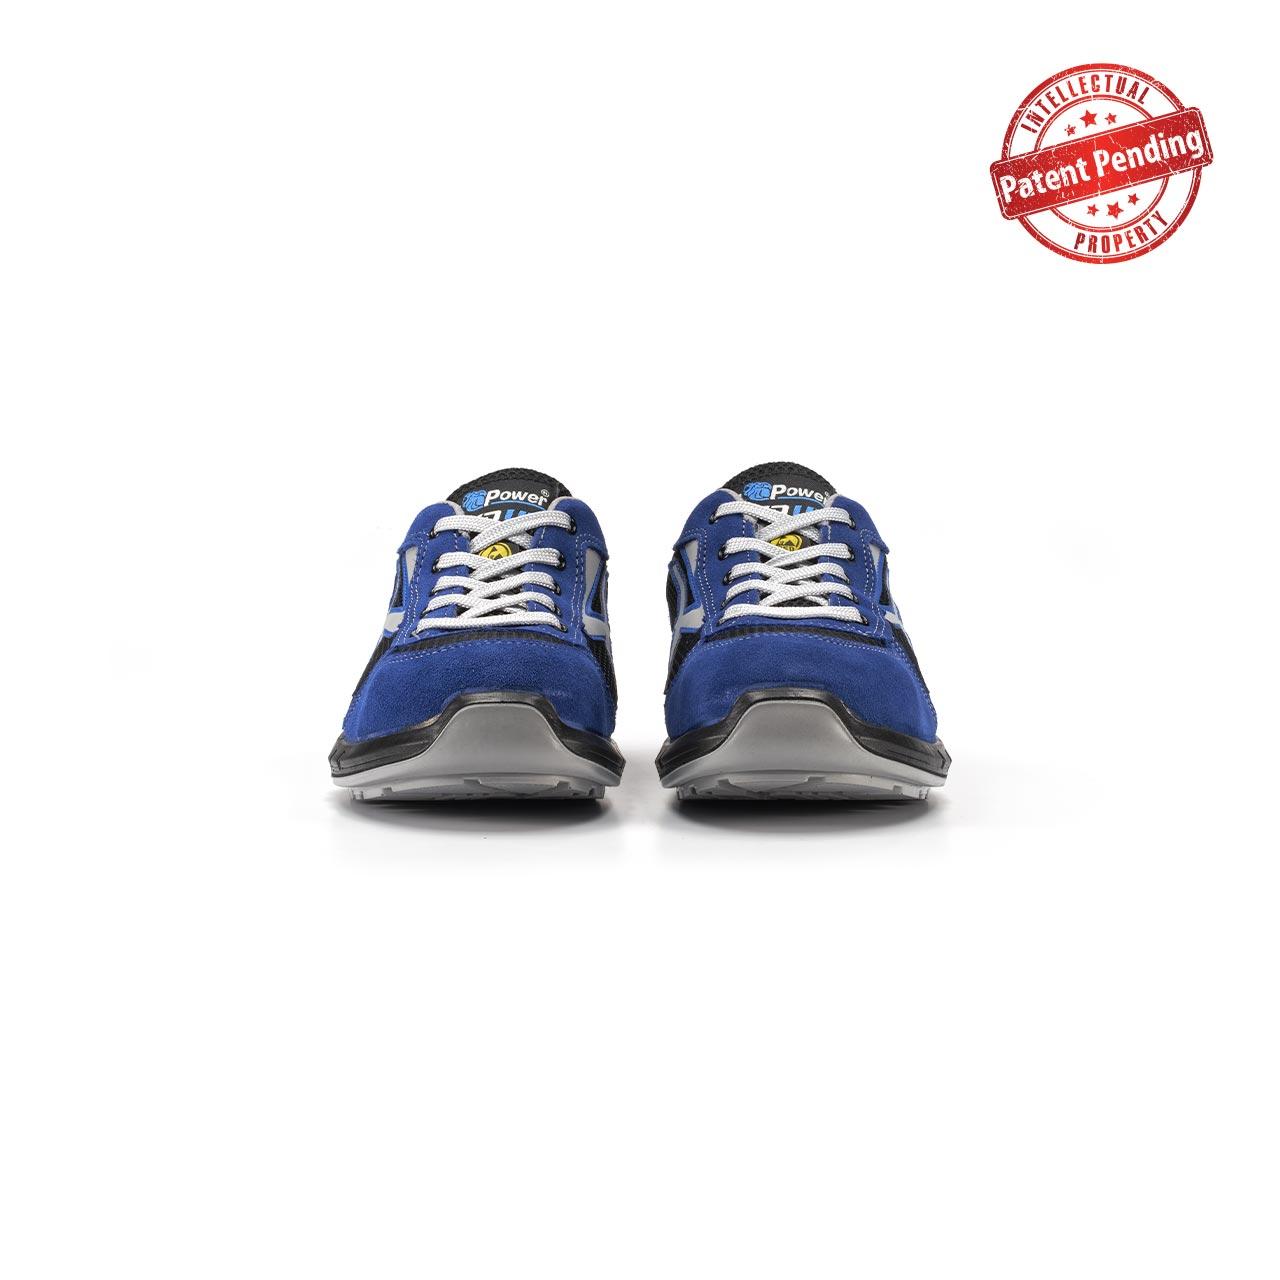 paio di scarpe antinfortunistiche upower modello sky plus linea redup plus vista frontale